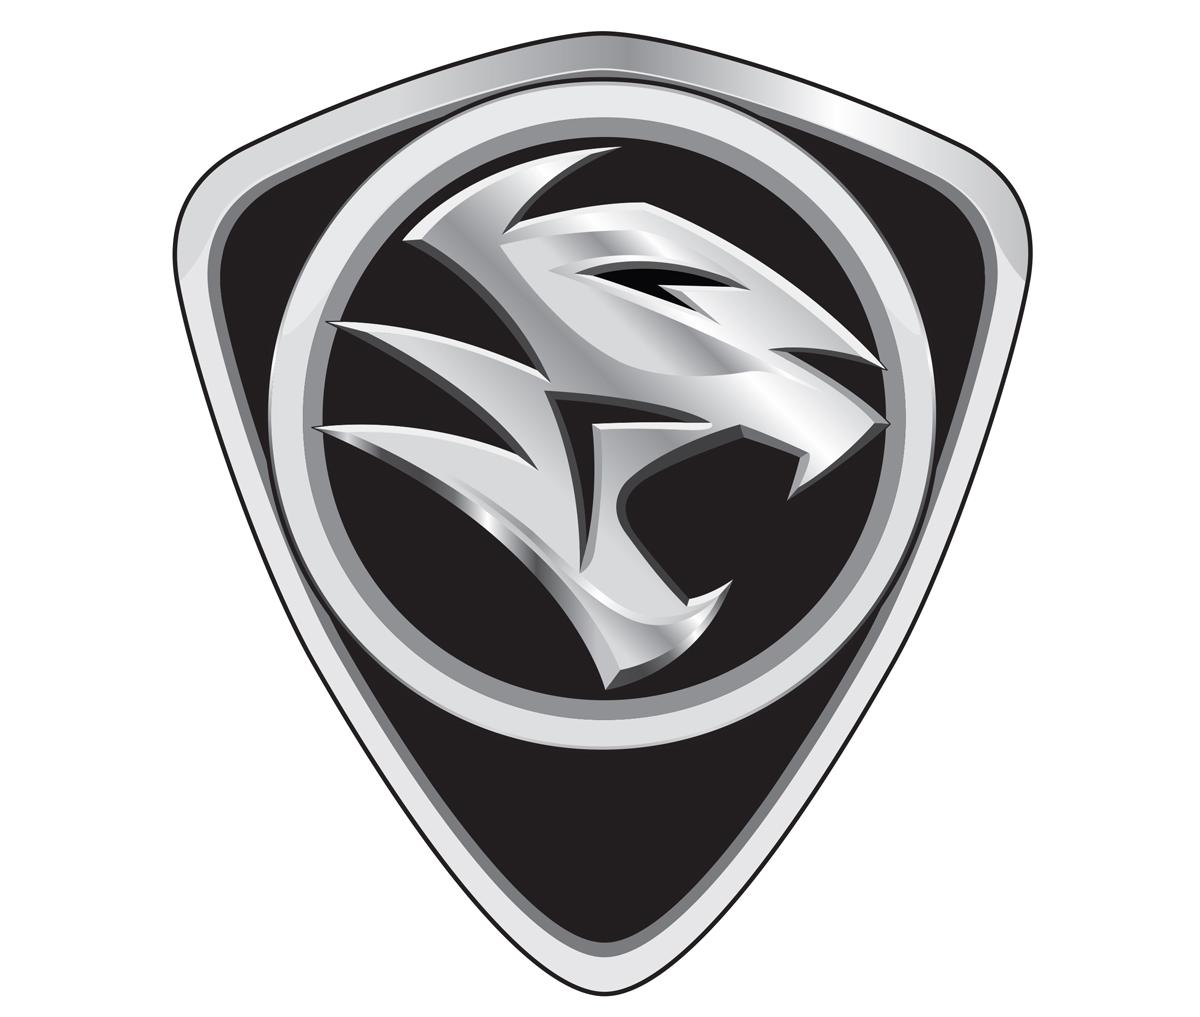 Célèbre Le logo Proton | Les marques de voitures OL48